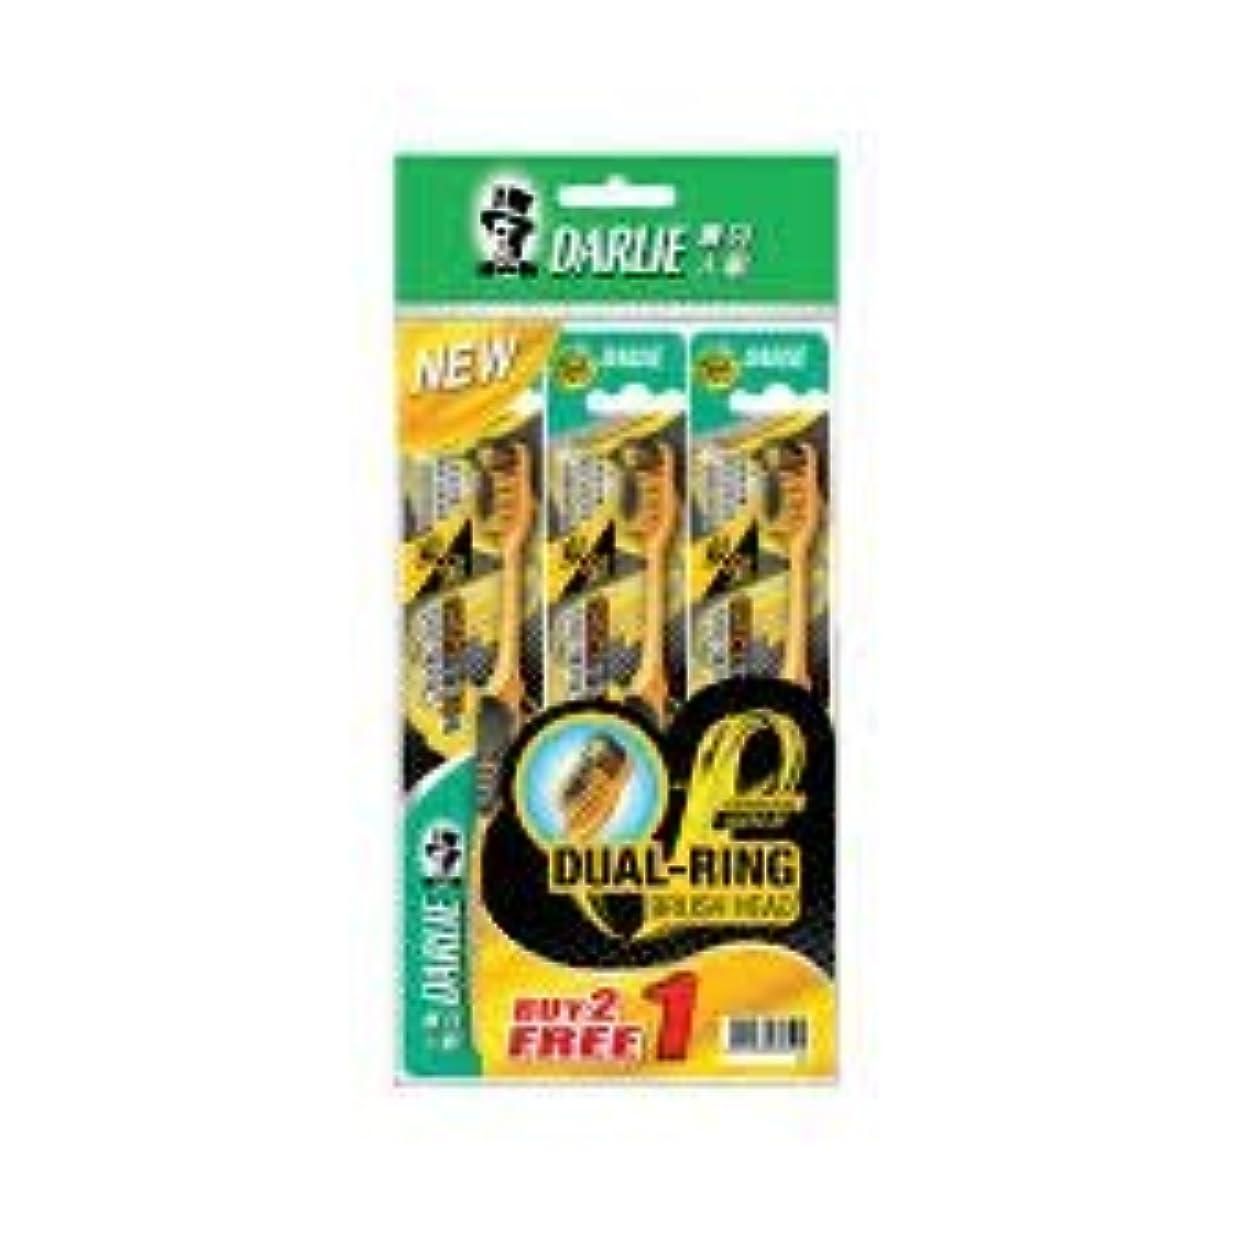 下線コンプライアンス先入観DARLIE 炭の歯ブラシb2f1 - ビス - ヘッドデザイン、深いクリーニングとプラークの蓄積を防止する押えリング